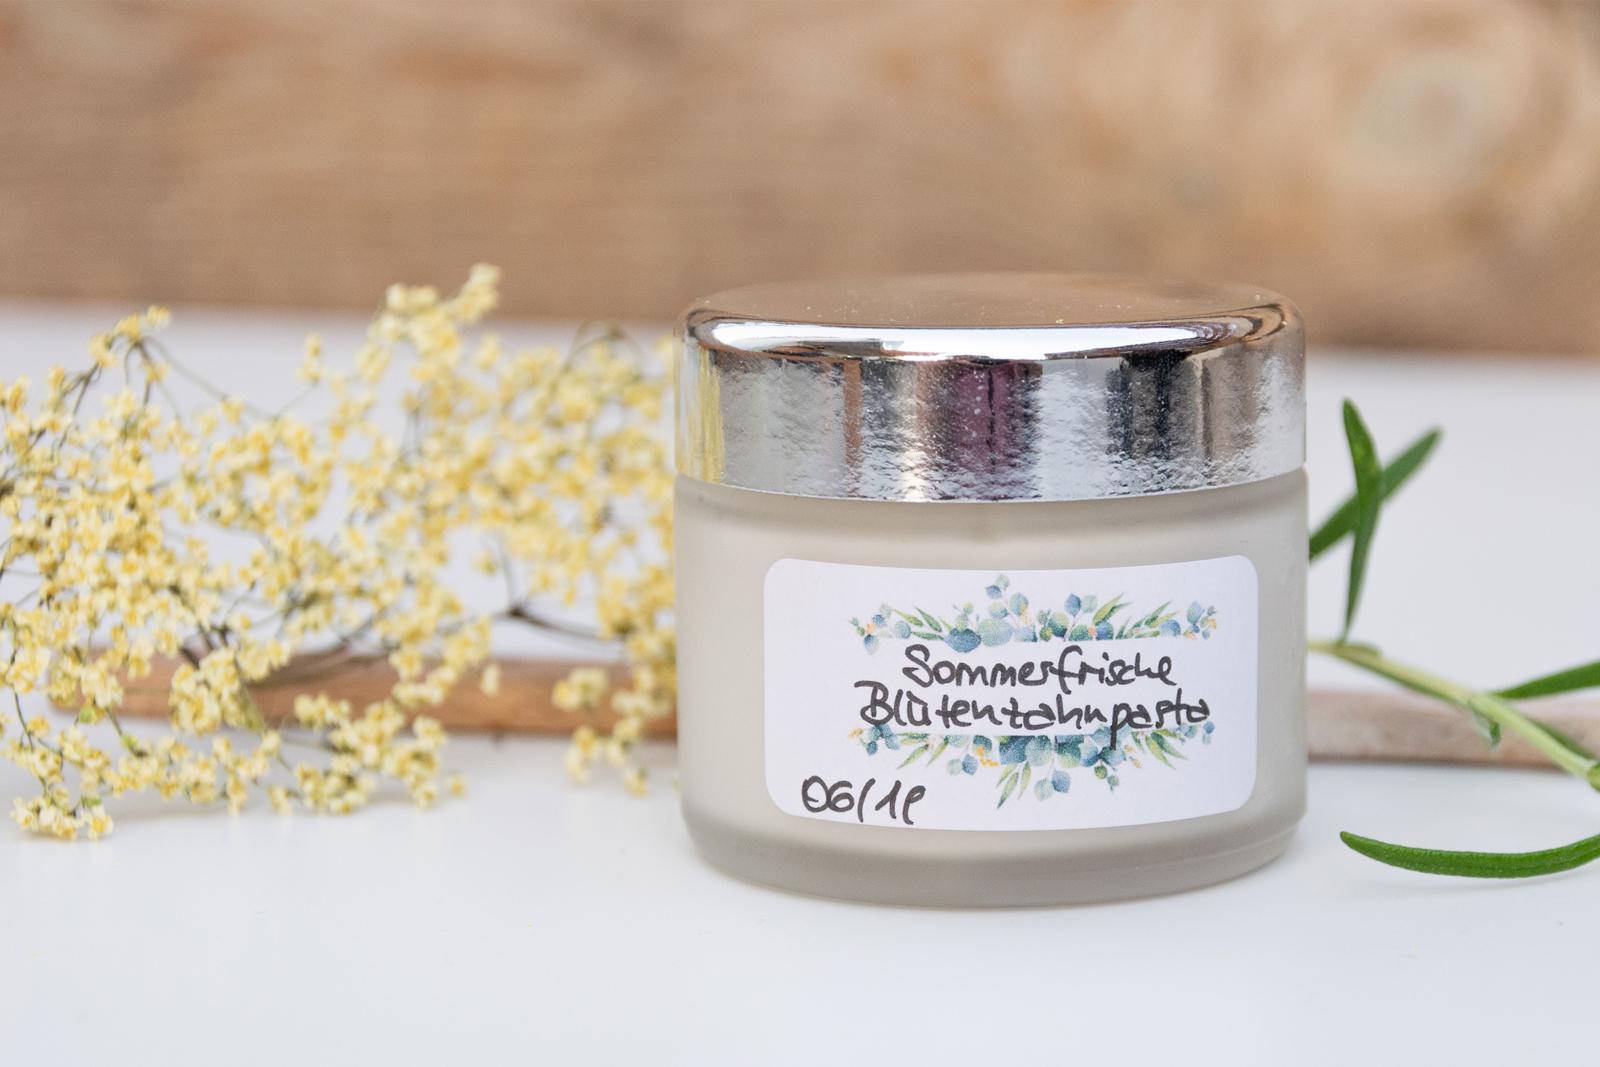 Sommerfrische Blütenzahnpasta selbstgemachte Zahnpasta DIY